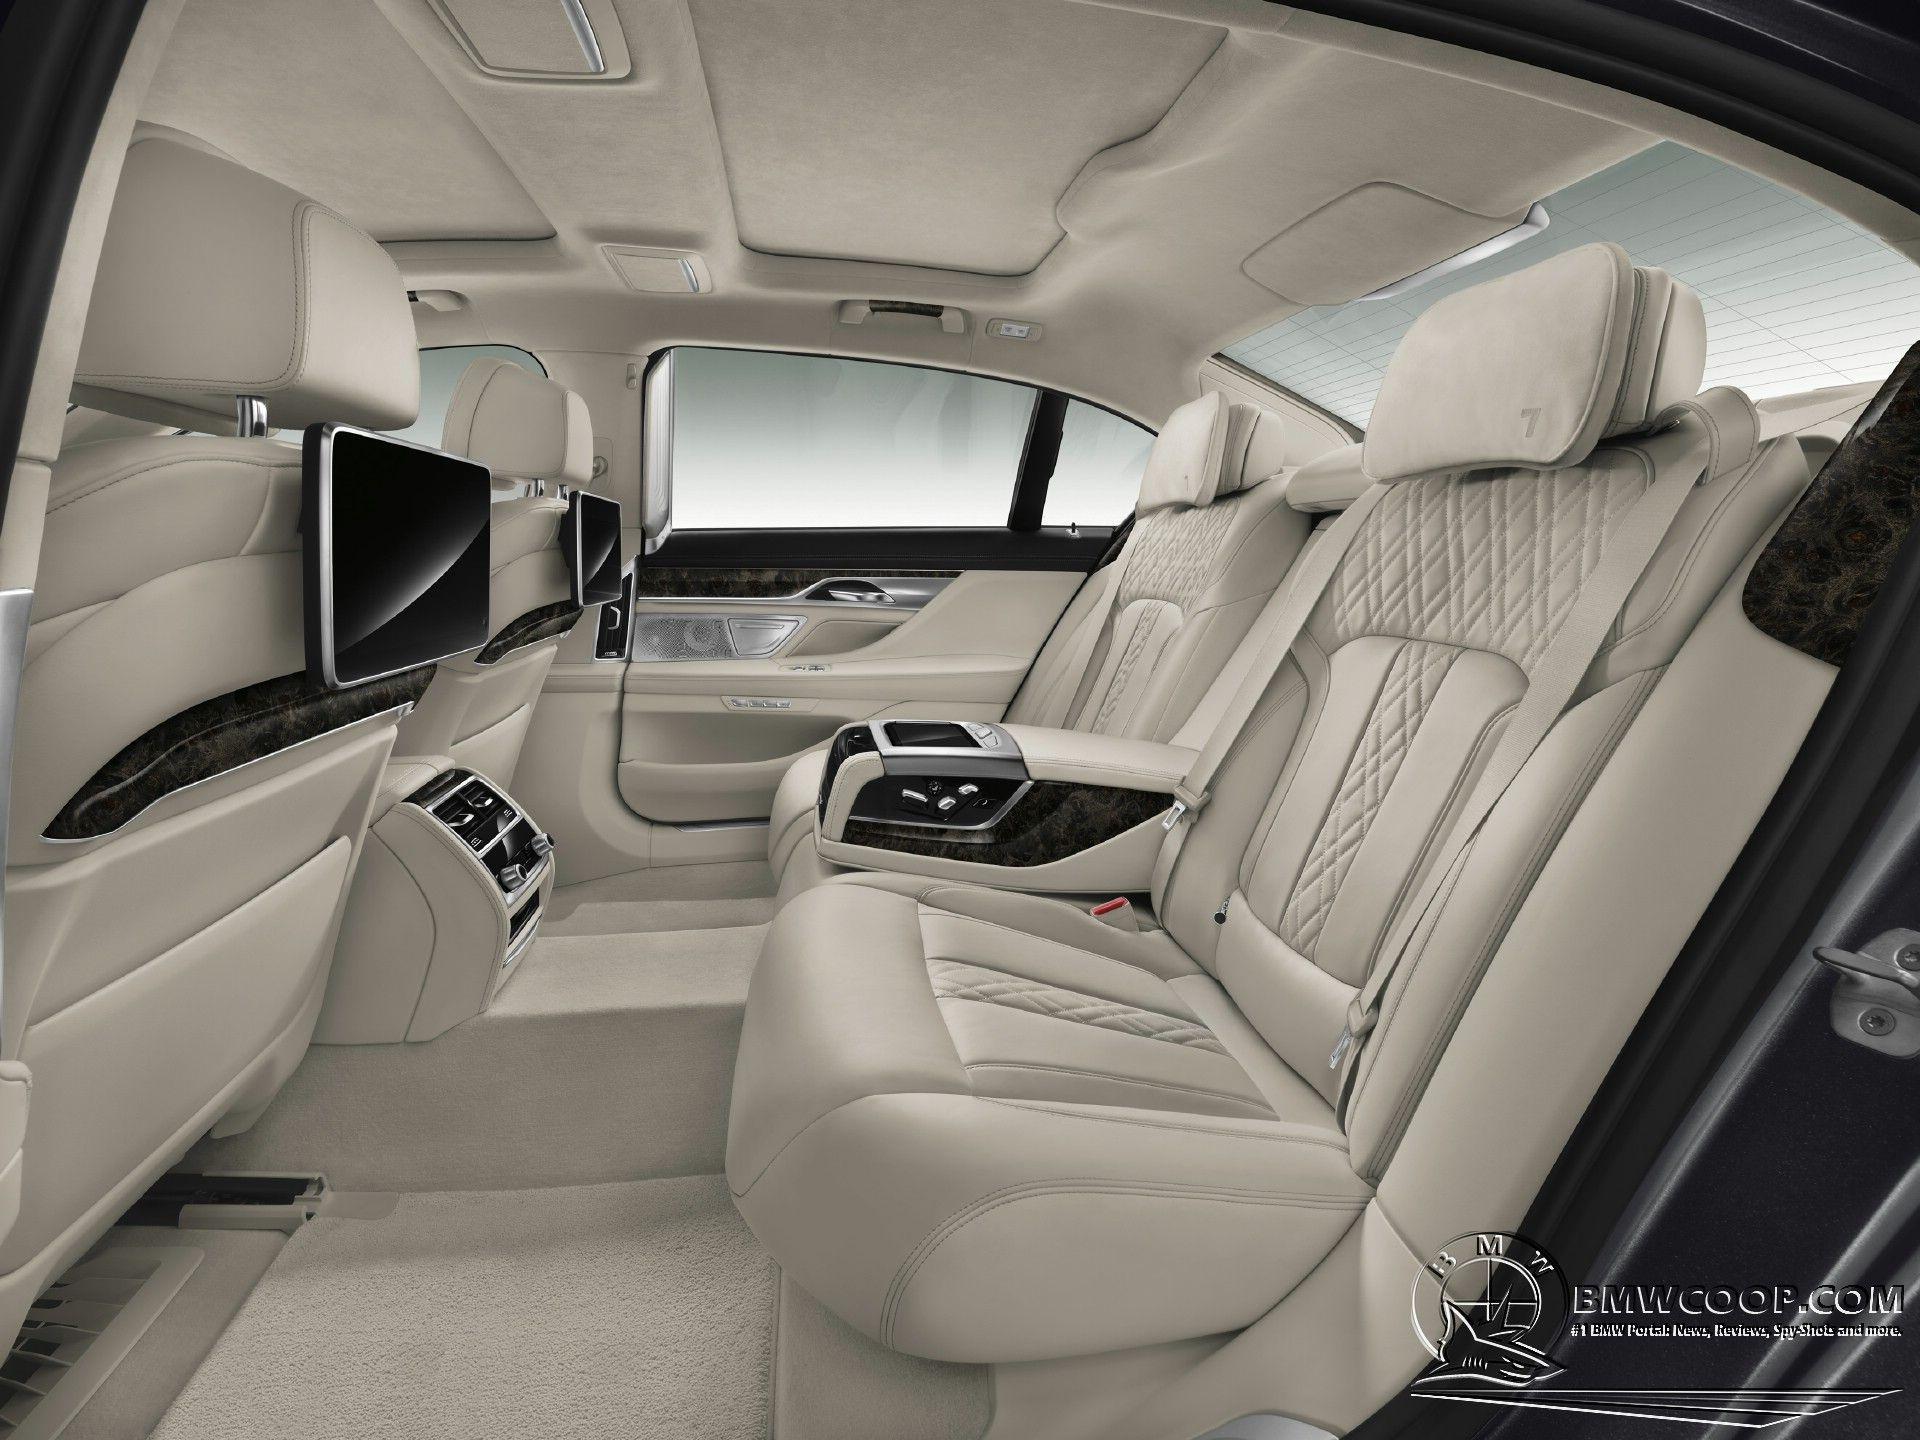 2016 Bmw 7 Series Interior Design Bmw 7 Series Luxury Car